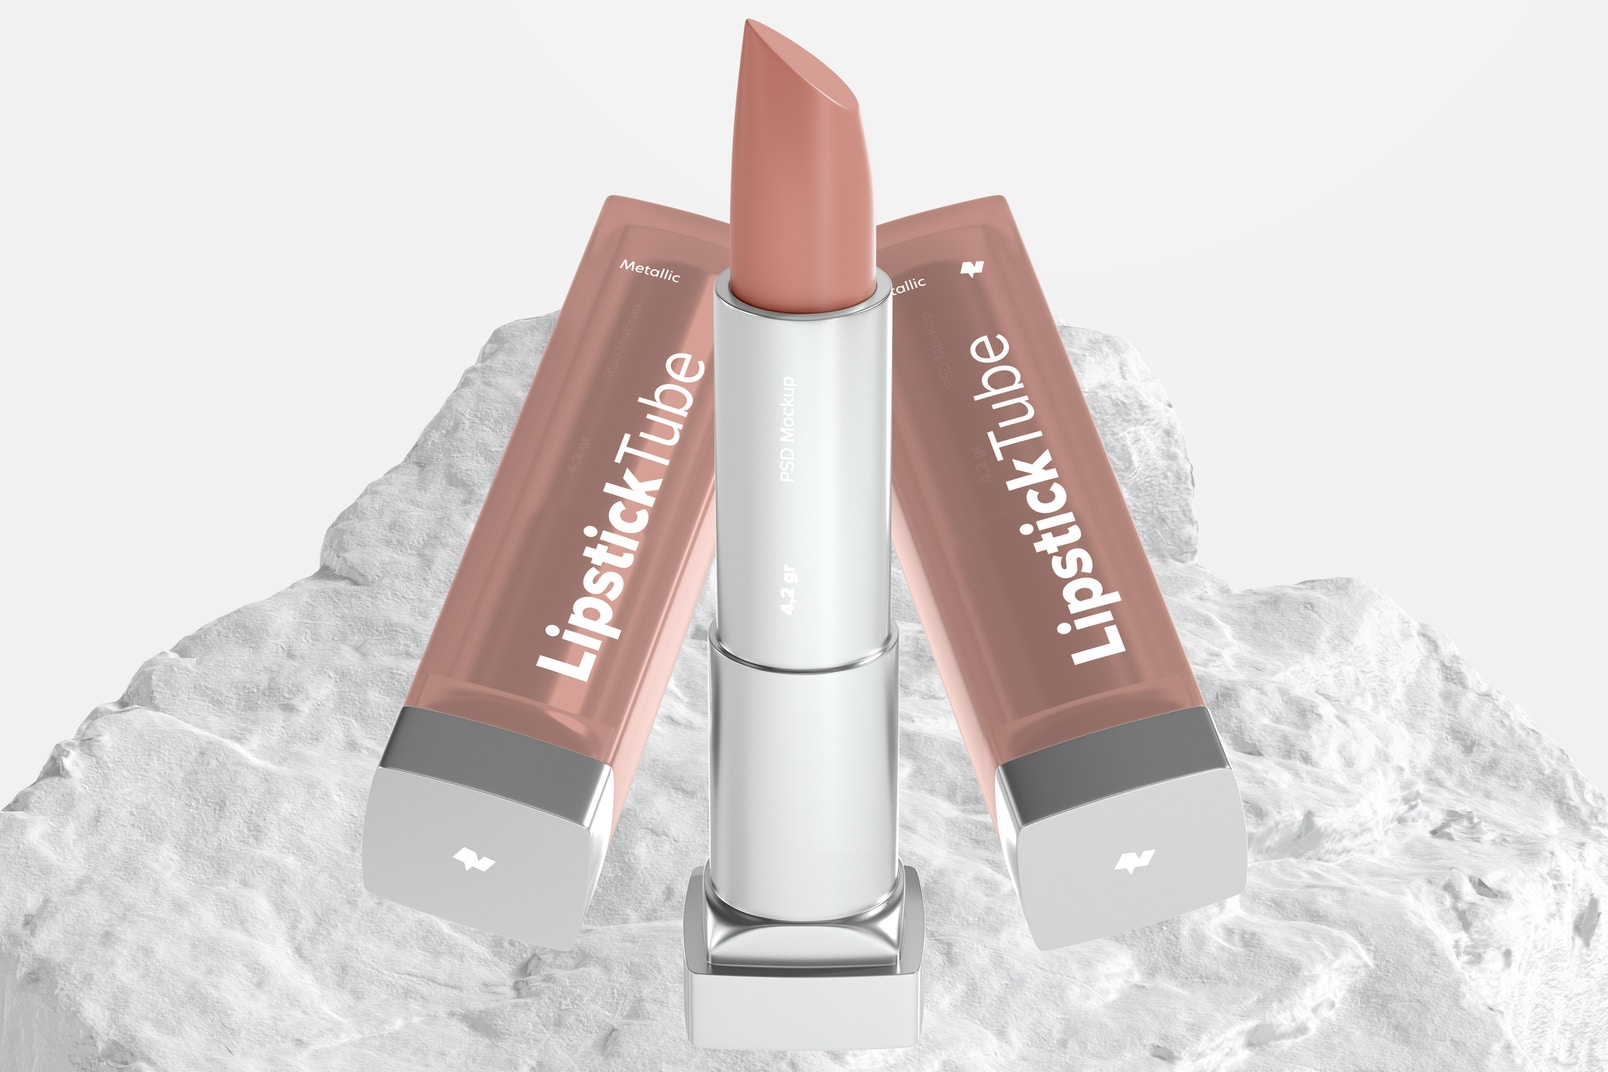 Metallic Lipstick Tubes Mockup, Floating